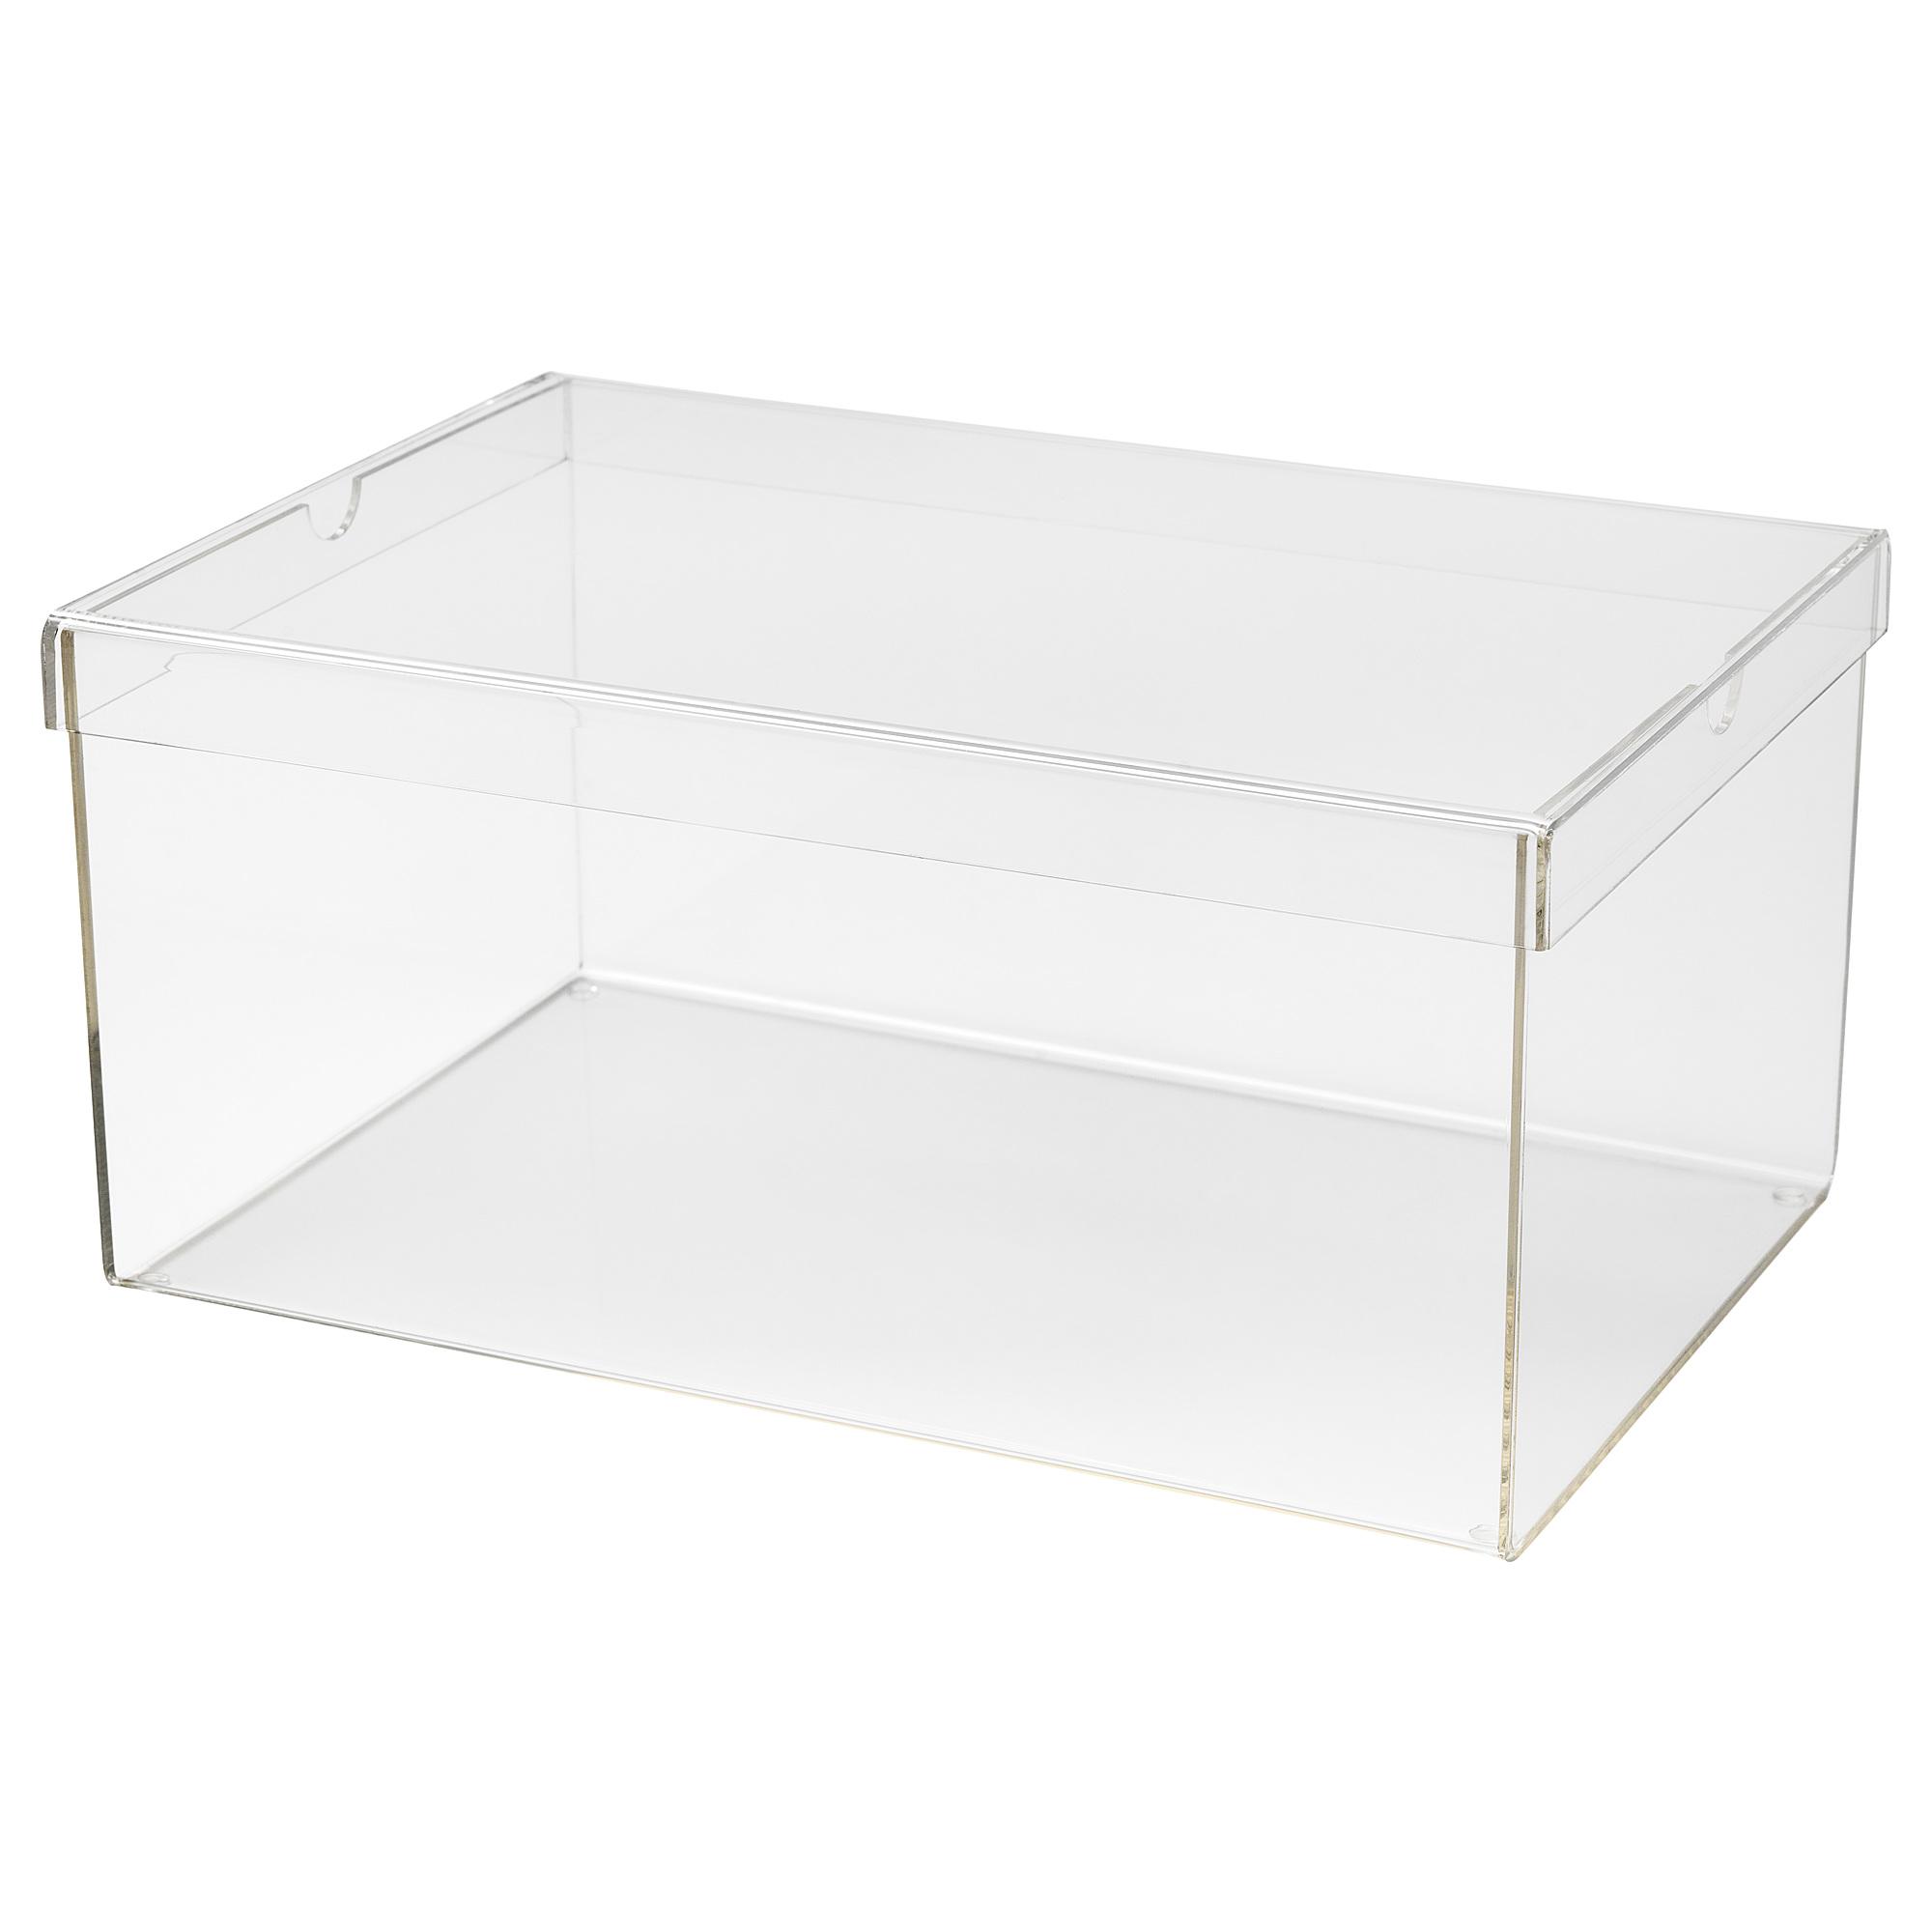 Коробка для обуви СПЭНСТ, прозрачный